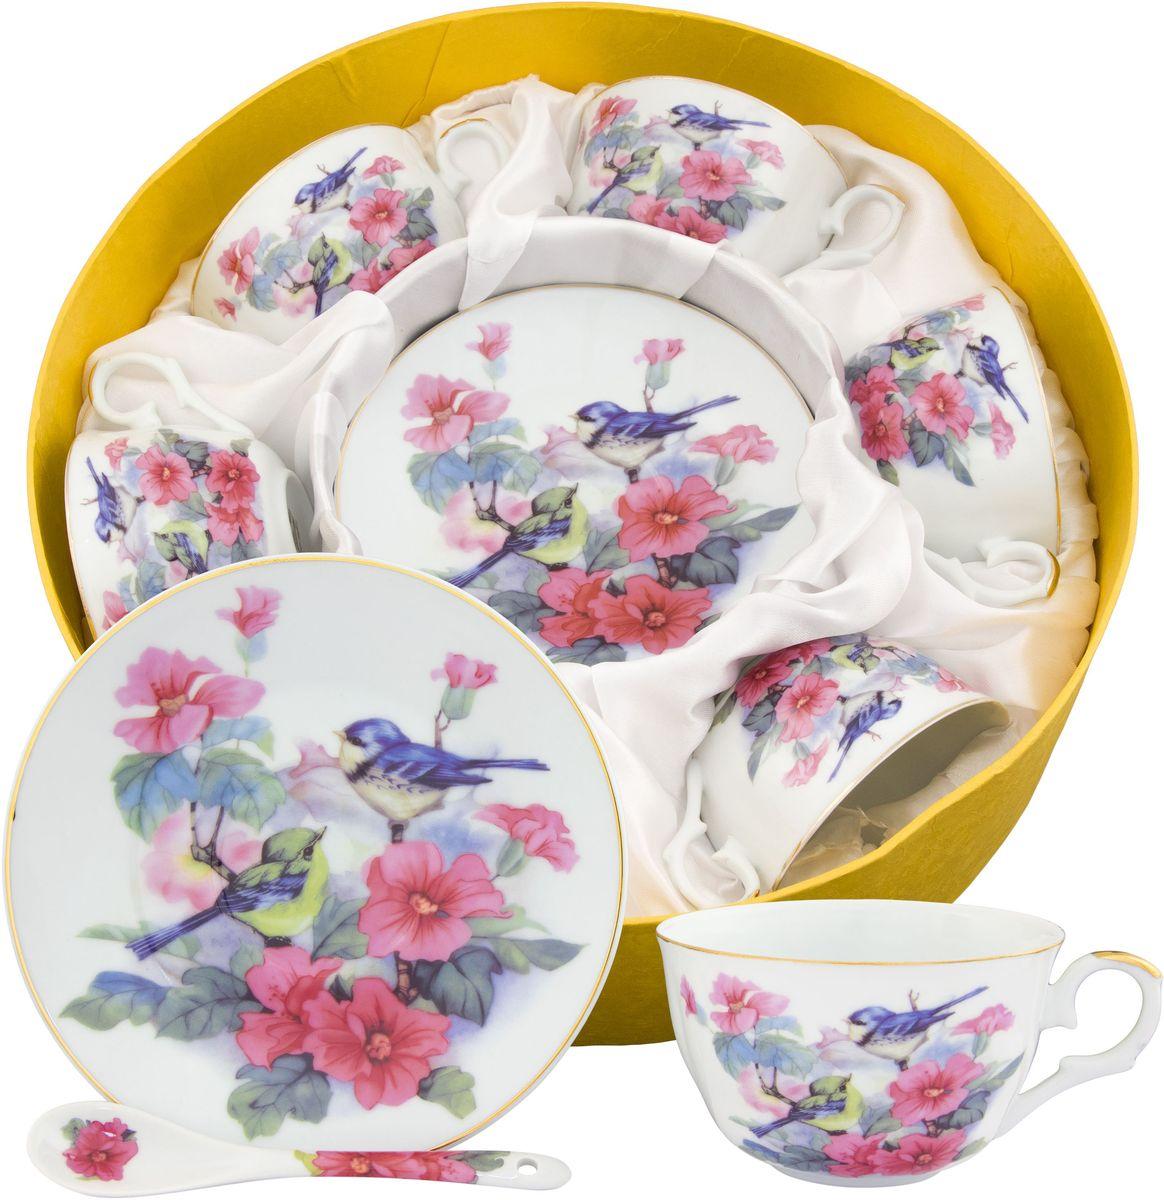 Чайный набор Elan Gallery Синички в шиповнике, с ложкой, 18 предметов180817Набор на 6 персон сделает Ваше чаепитие незабываемым. В комплекте: 6 чашек объемом 250 мл, 6 блюдец, 6 ложек. Изделие имеет подарочную упаковку с шелковой подложкой, поэтому станет желанным подарком для Ваших близких! Модные наборы для чаепития Elan Gallery являются верным выбором для любого гардероба. Внешний вид наборов основательно выверен. Все части аккуратно выбраны и отлично подходят друг к другу.